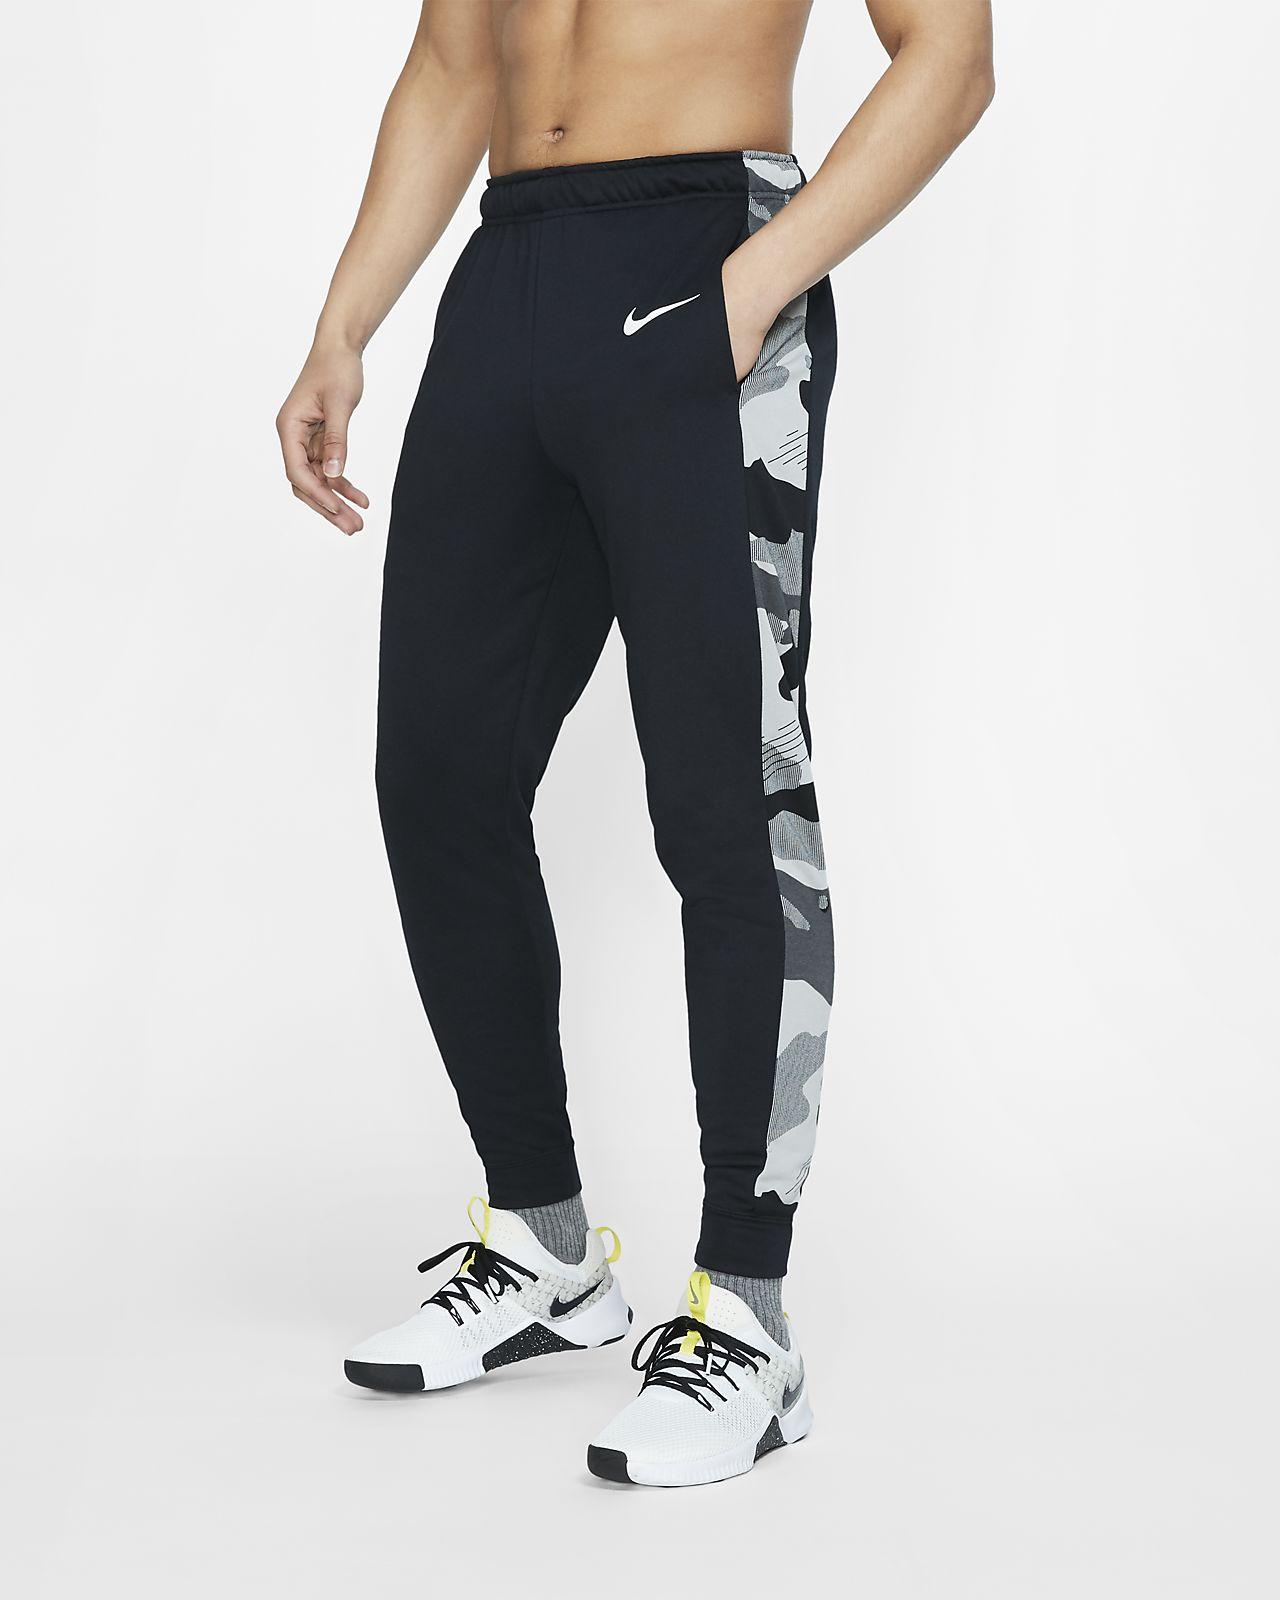 Nike Dri-FIT Tapered 男子针织训练长裤